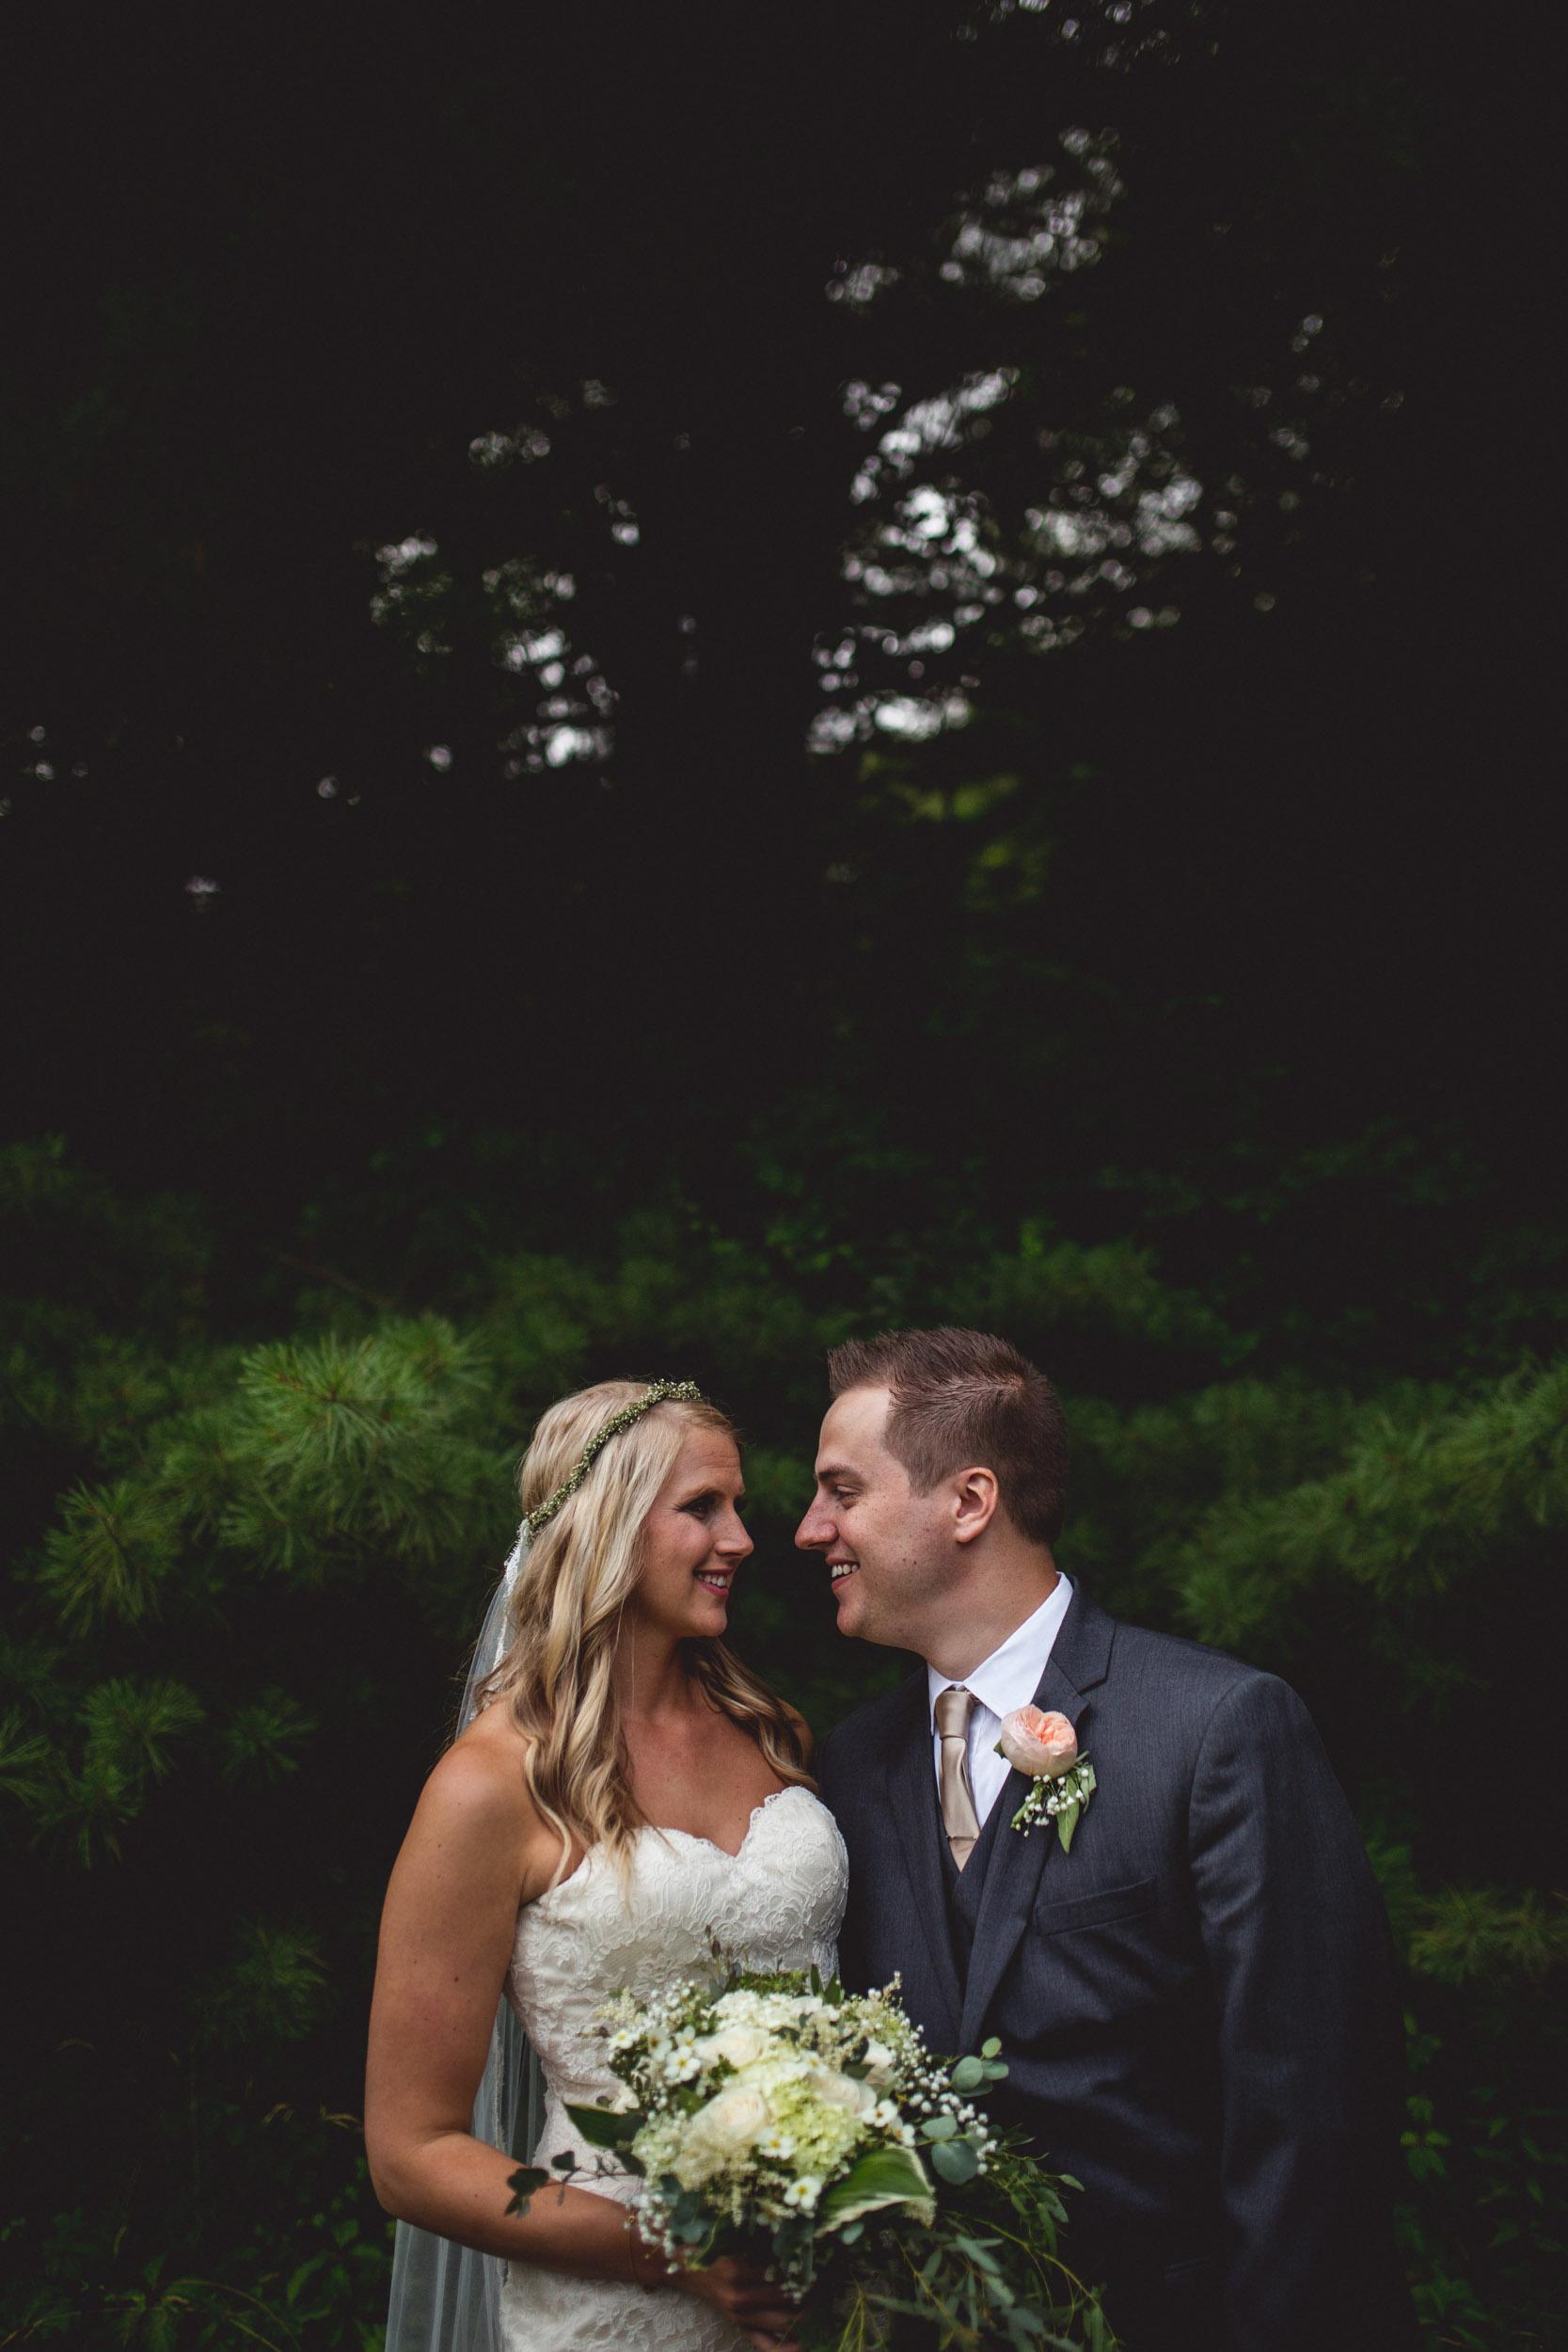 Morraine-Farm-Wedding-18.jpg